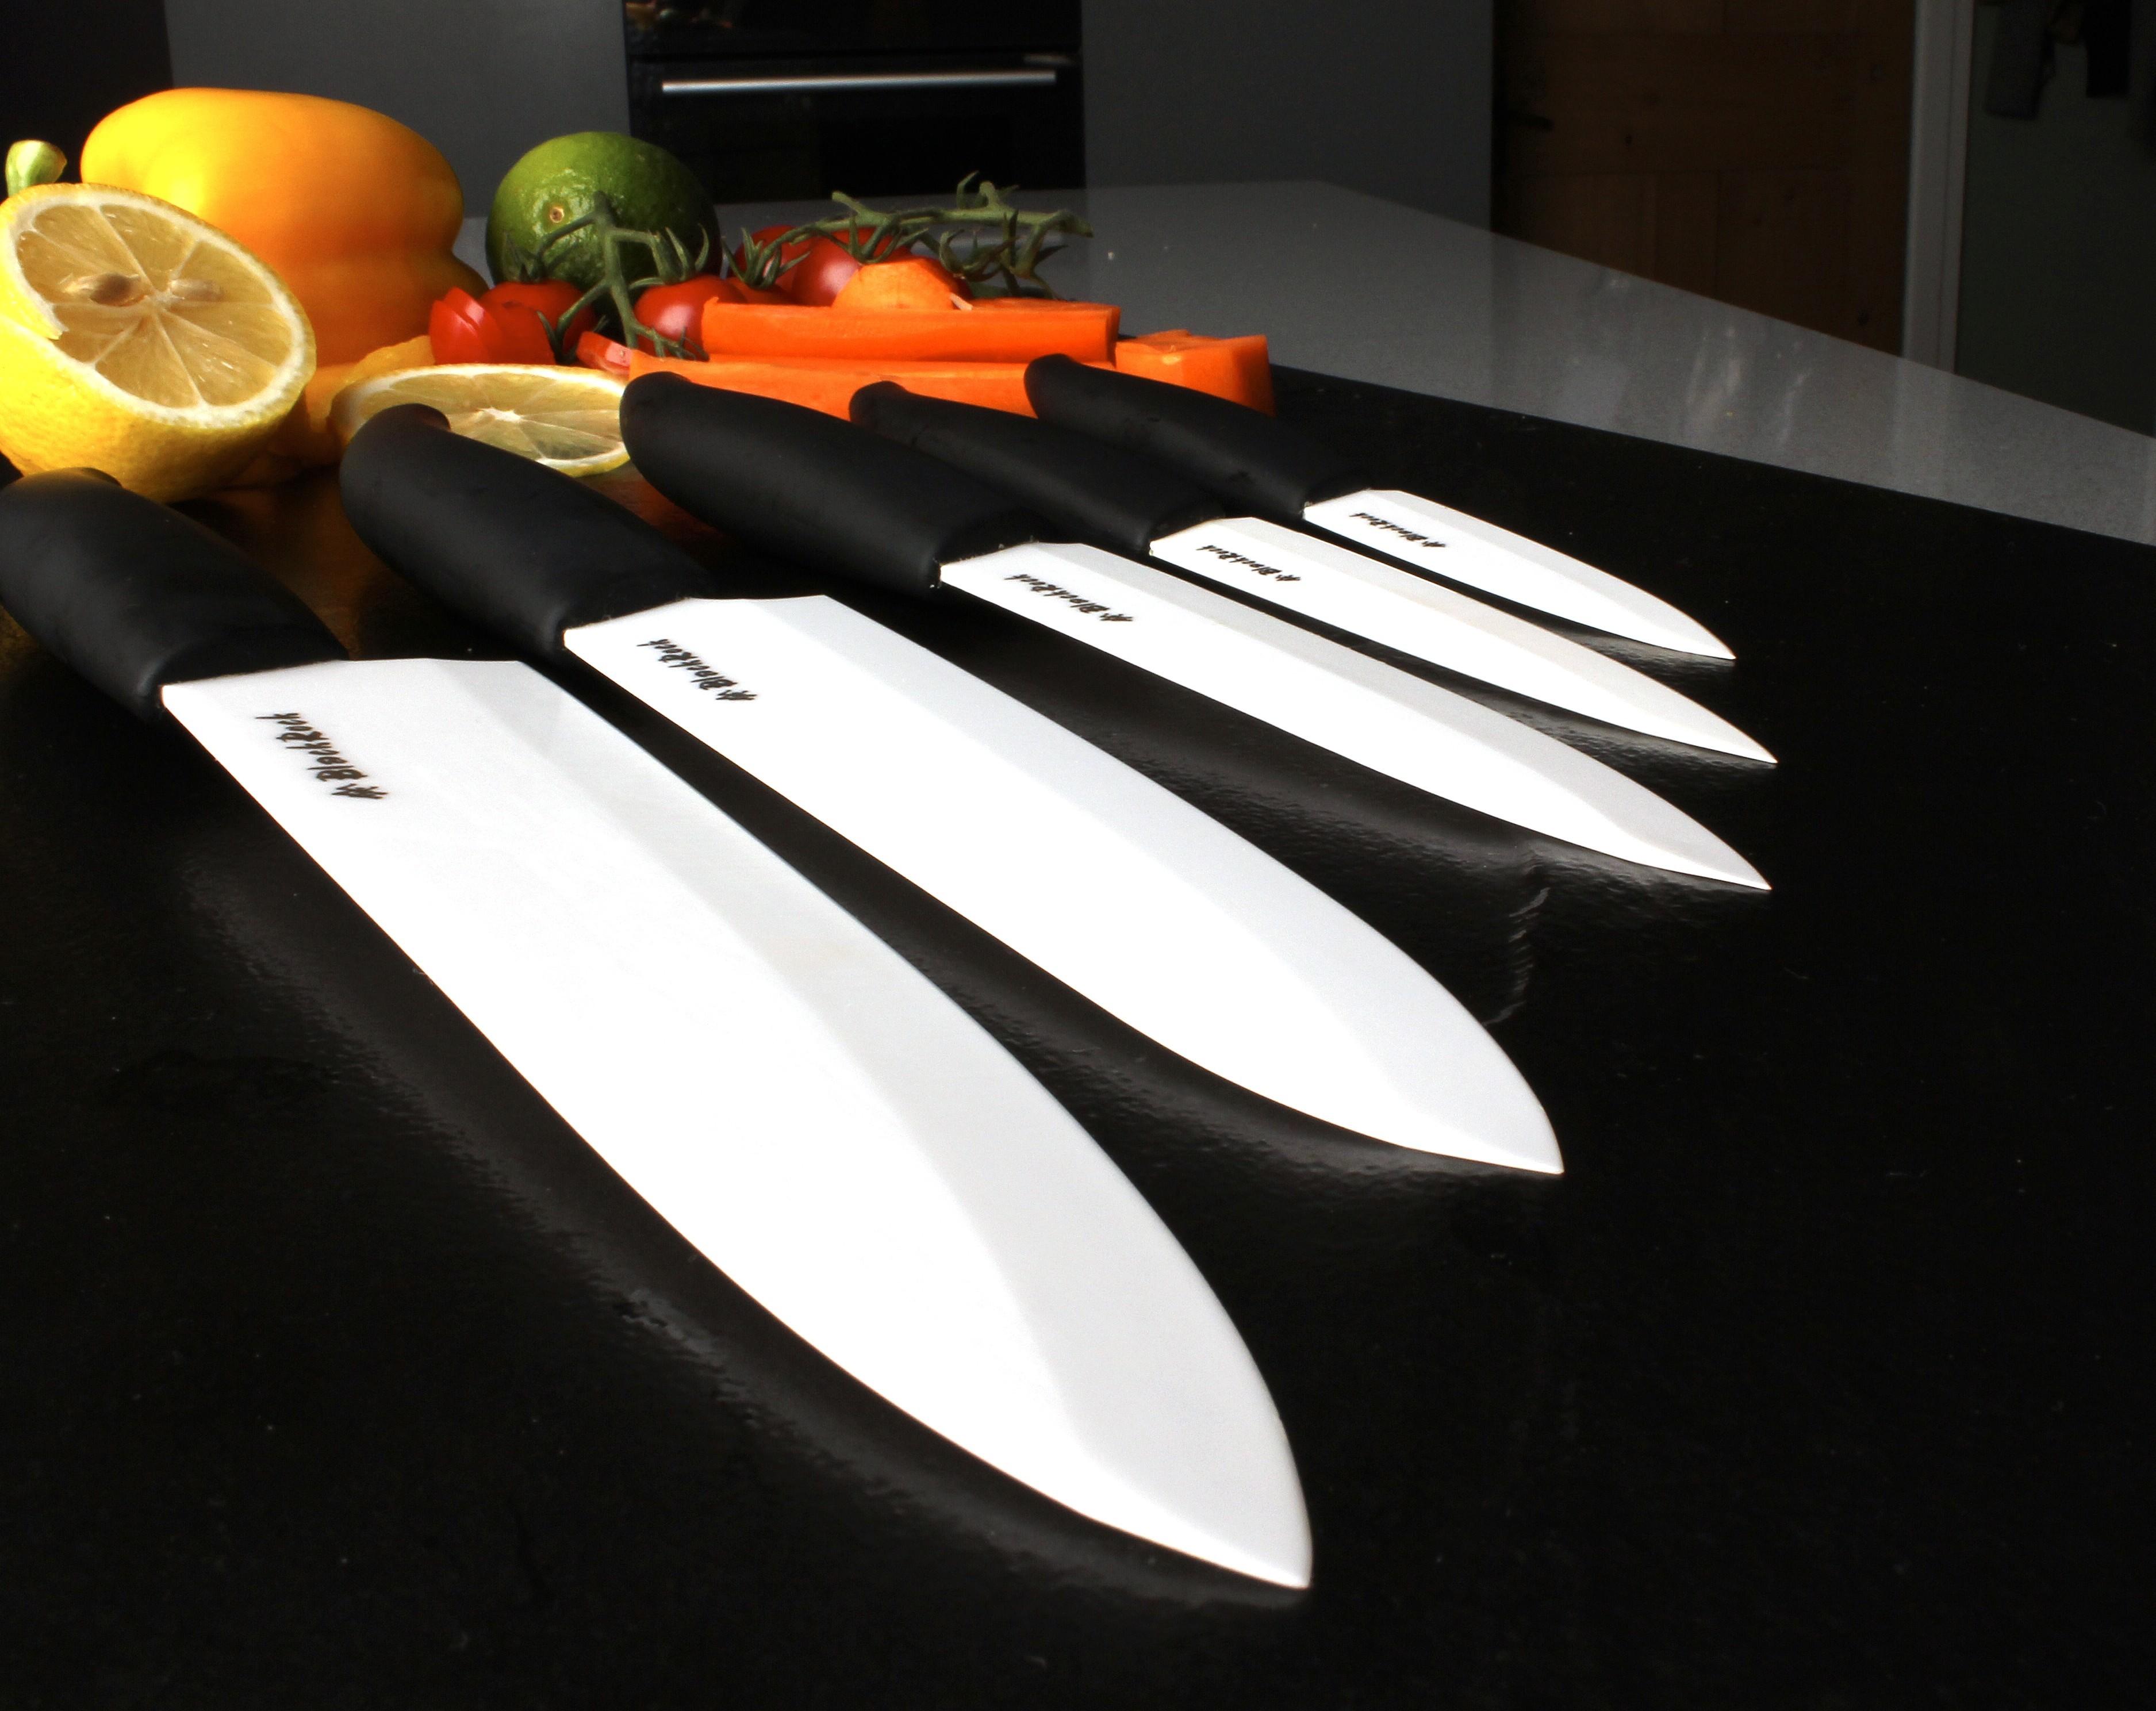 Охотничий нож - обзор: Как выбрать нож для охоты